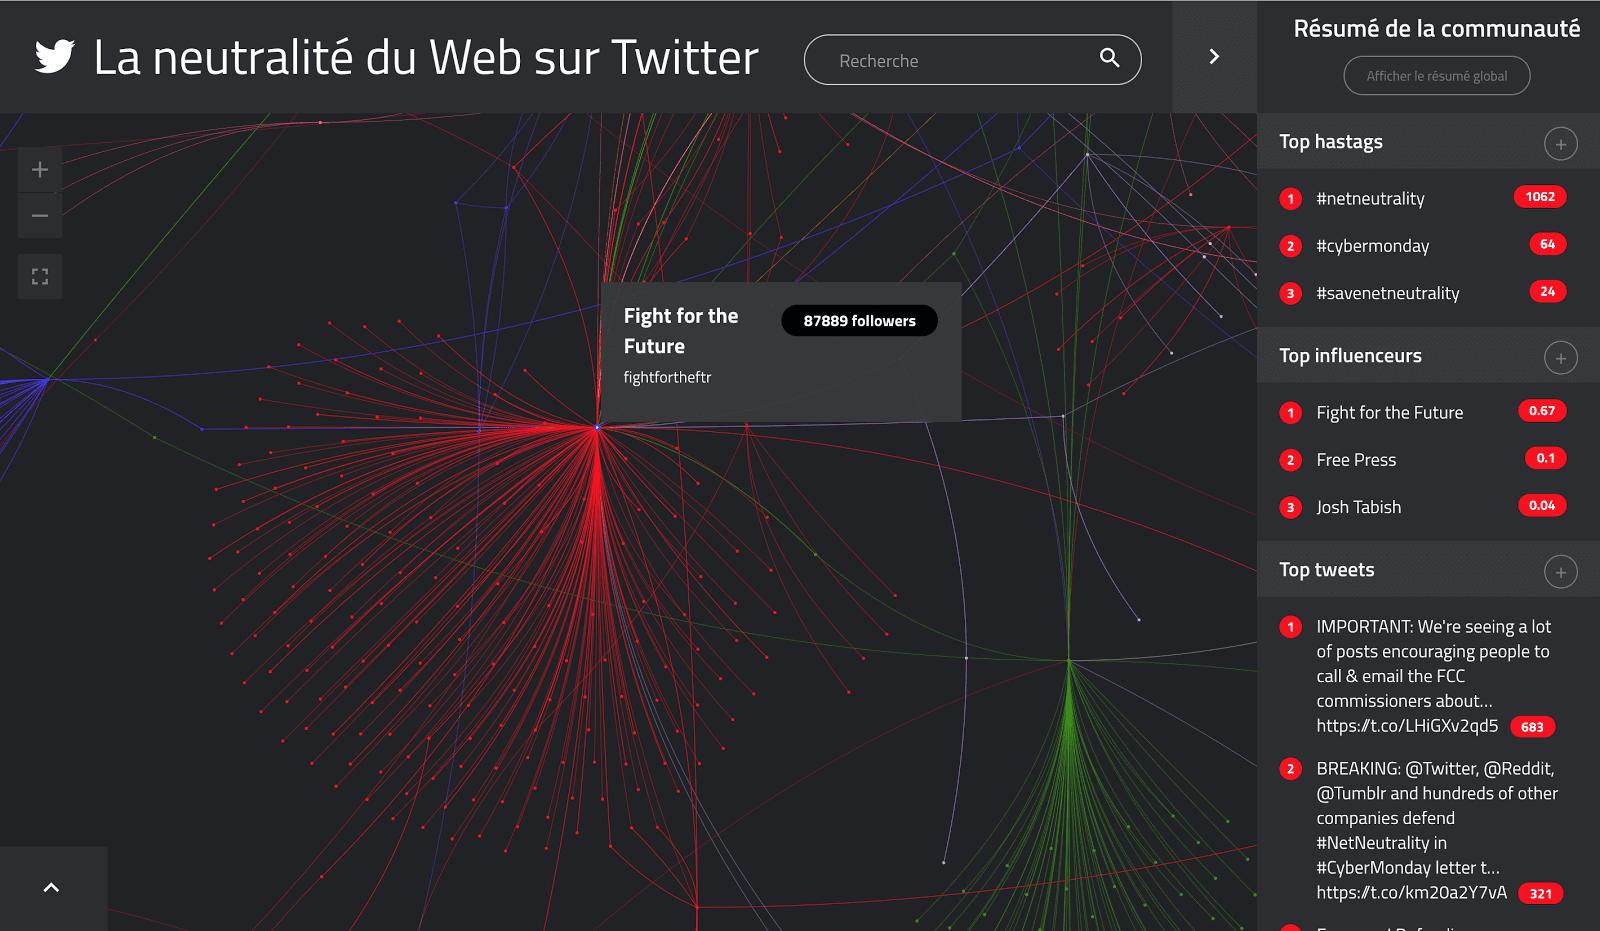 La Neutralité du web vue par TIGR - Zoom sur la communauté Fight for the future